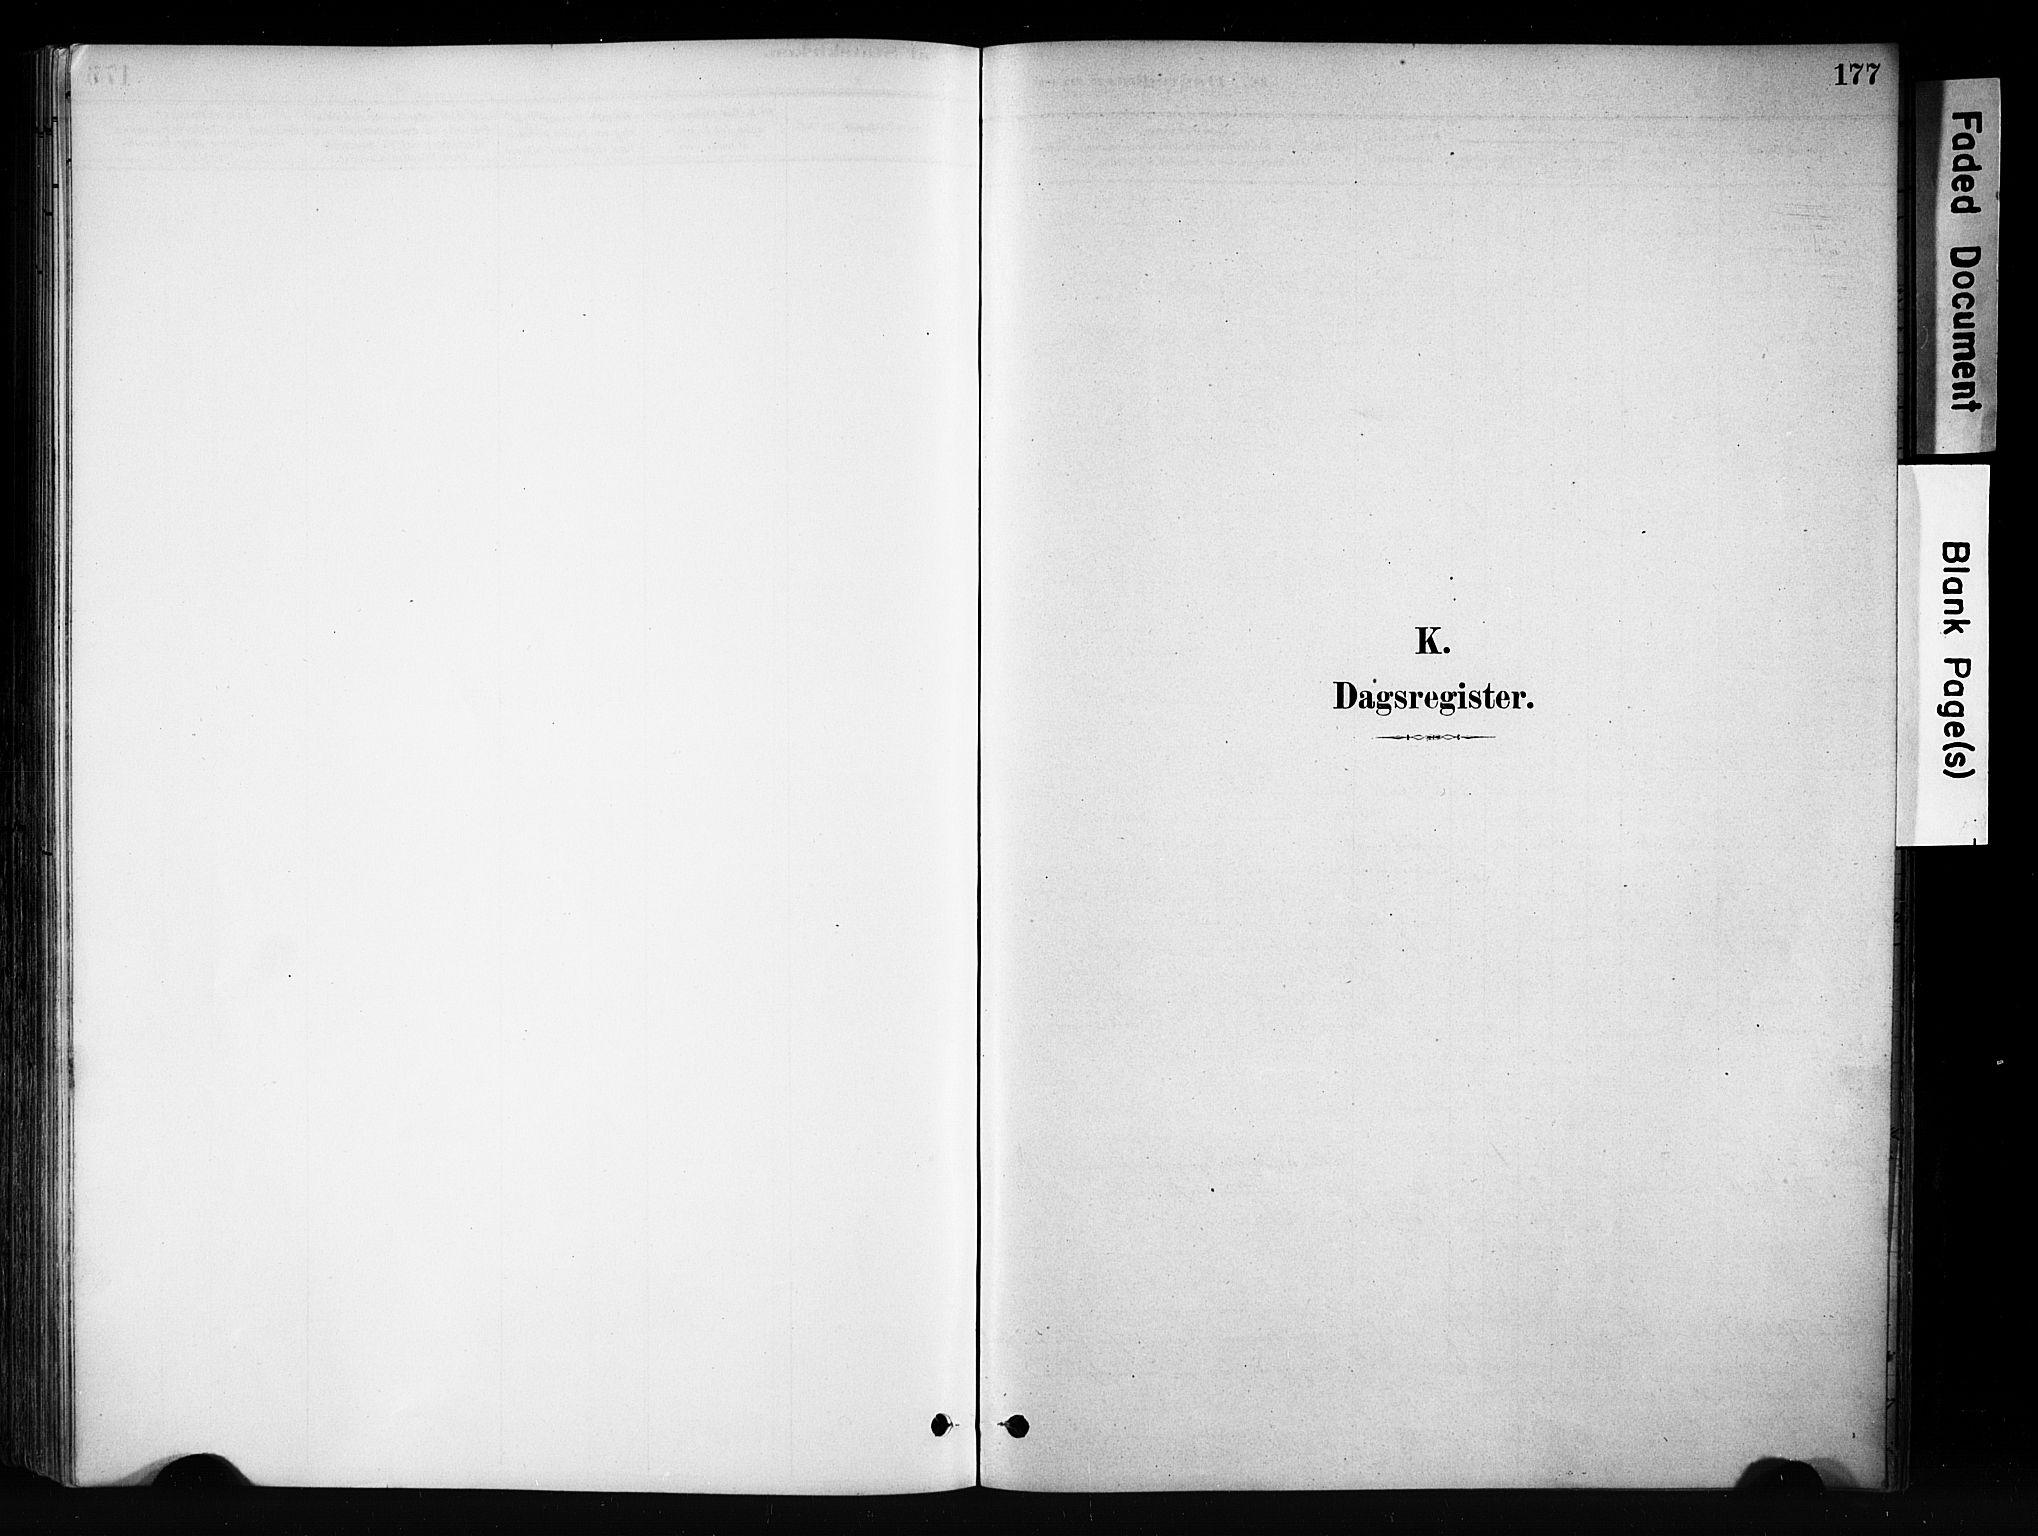 SAH, Vang prestekontor, Valdres, Ministerialbok nr. 9, 1882-1914, s. 177